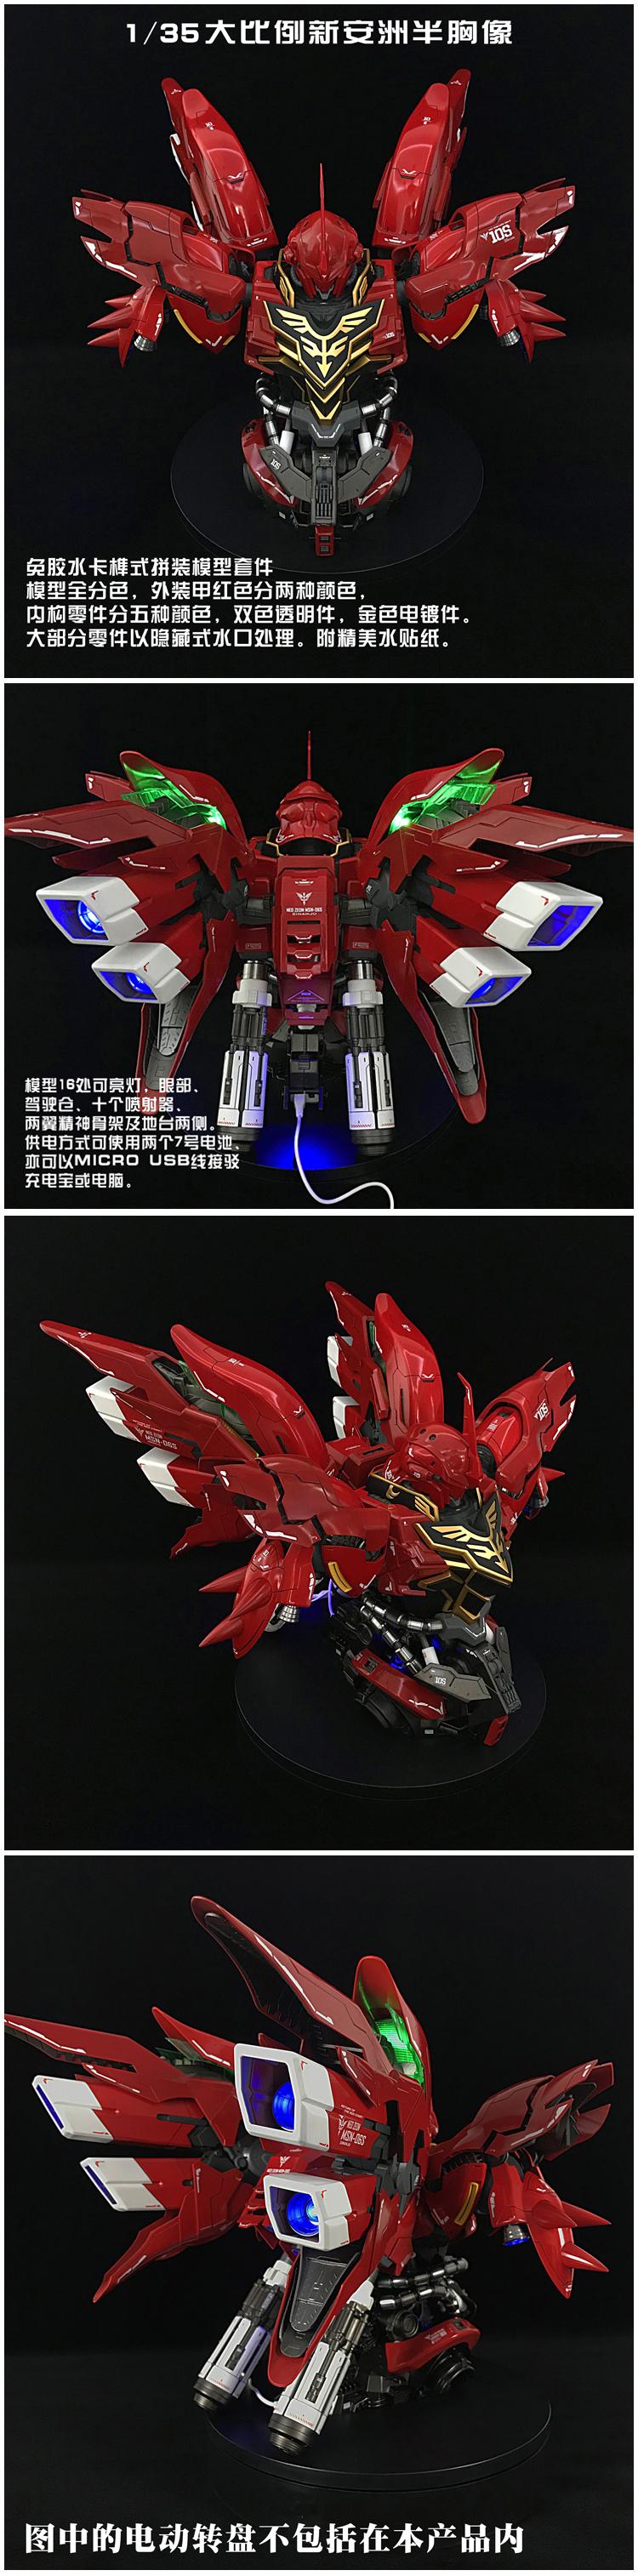 S253_35Sinanju_inask_014.jpg